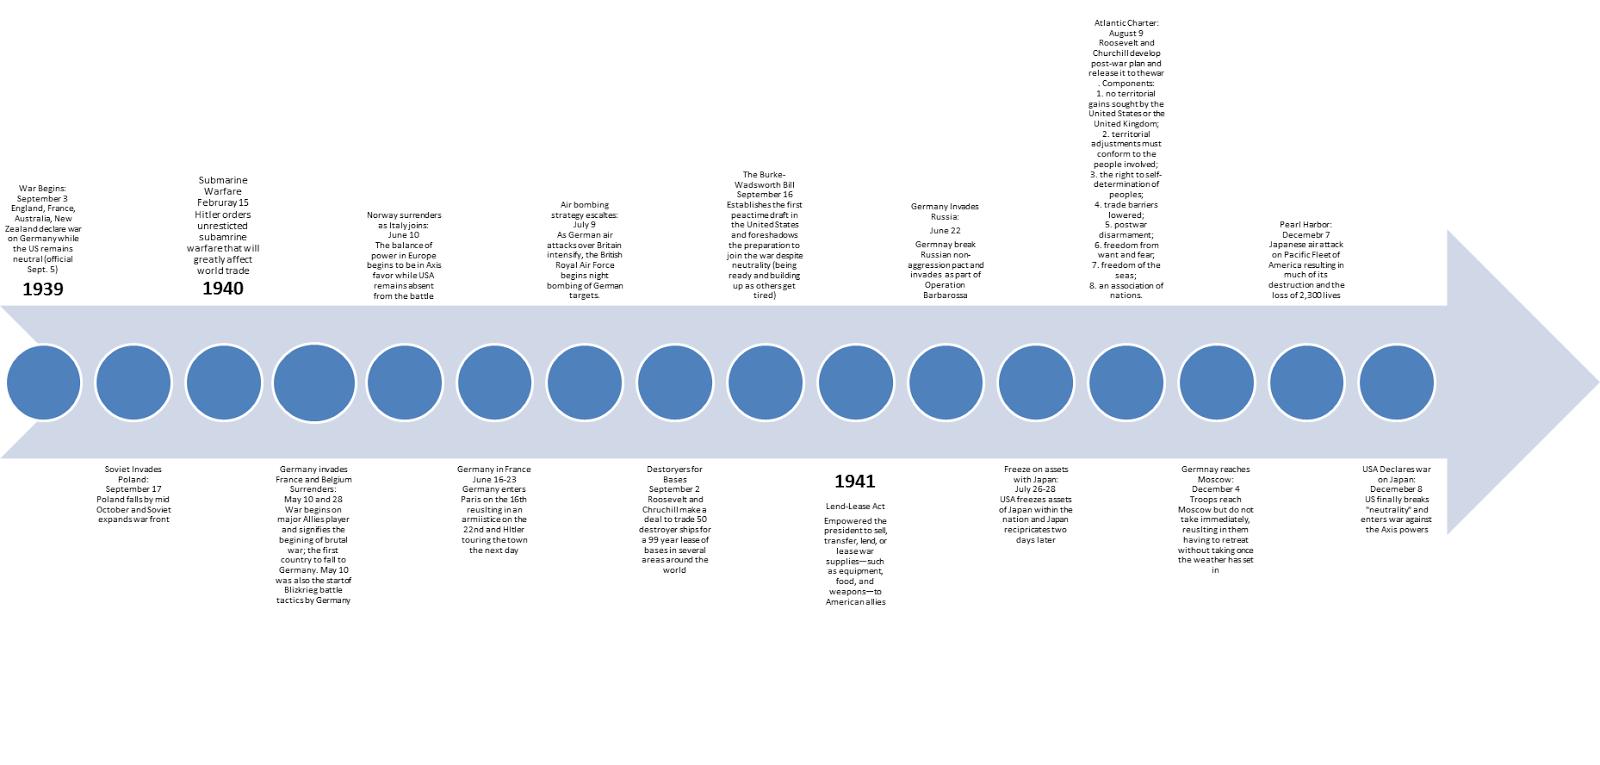 IB 4A Gator Pizer: WWII Timeline 1939-1940